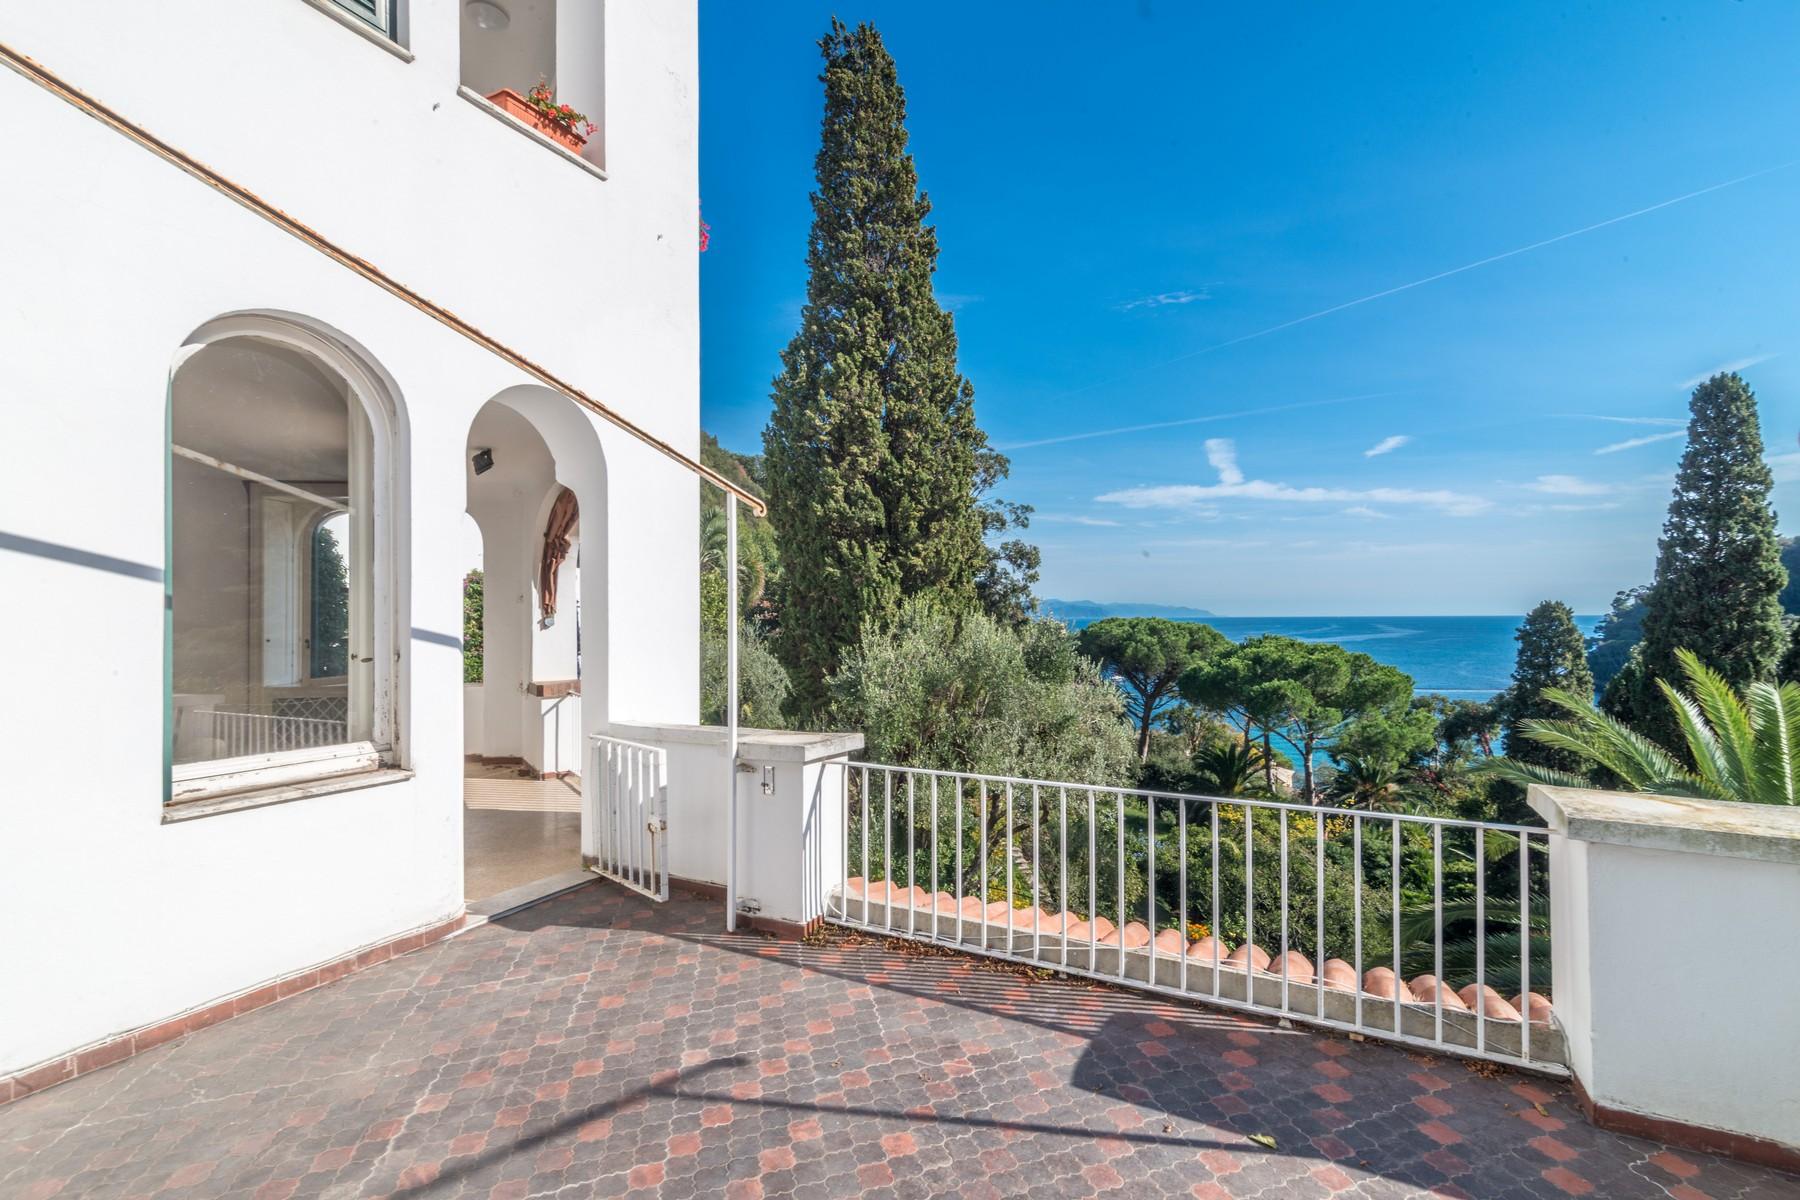 Appartamento in Vendita a Santa Margherita Ligure: 5 locali, 230 mq - Foto 14